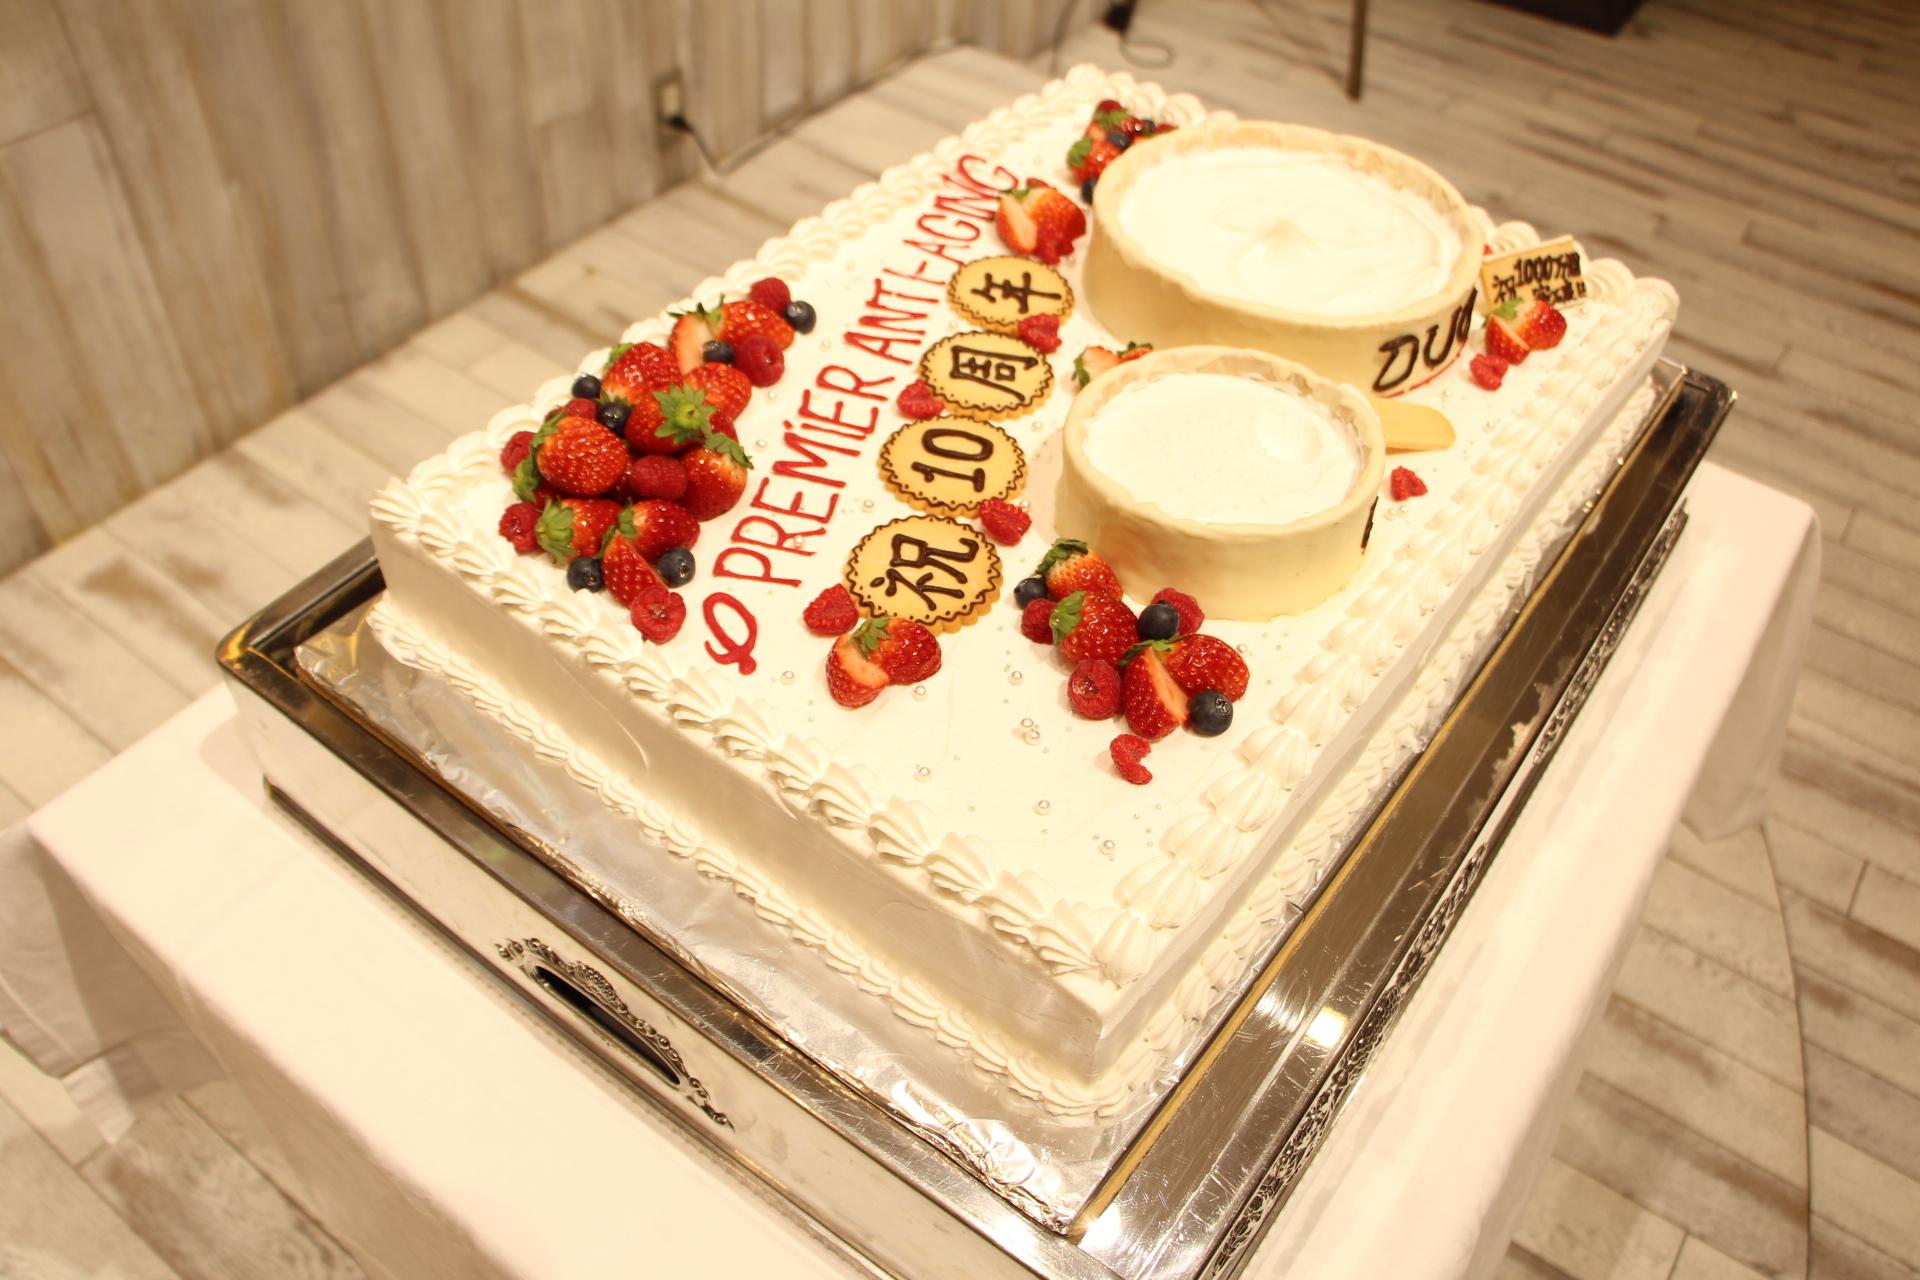 10周年記念パーティーの様子@EBISU SHOW ROOM|TIME SHARING|タイムシェアリング |スペースマネジメント|あどばる|adval|SHARING